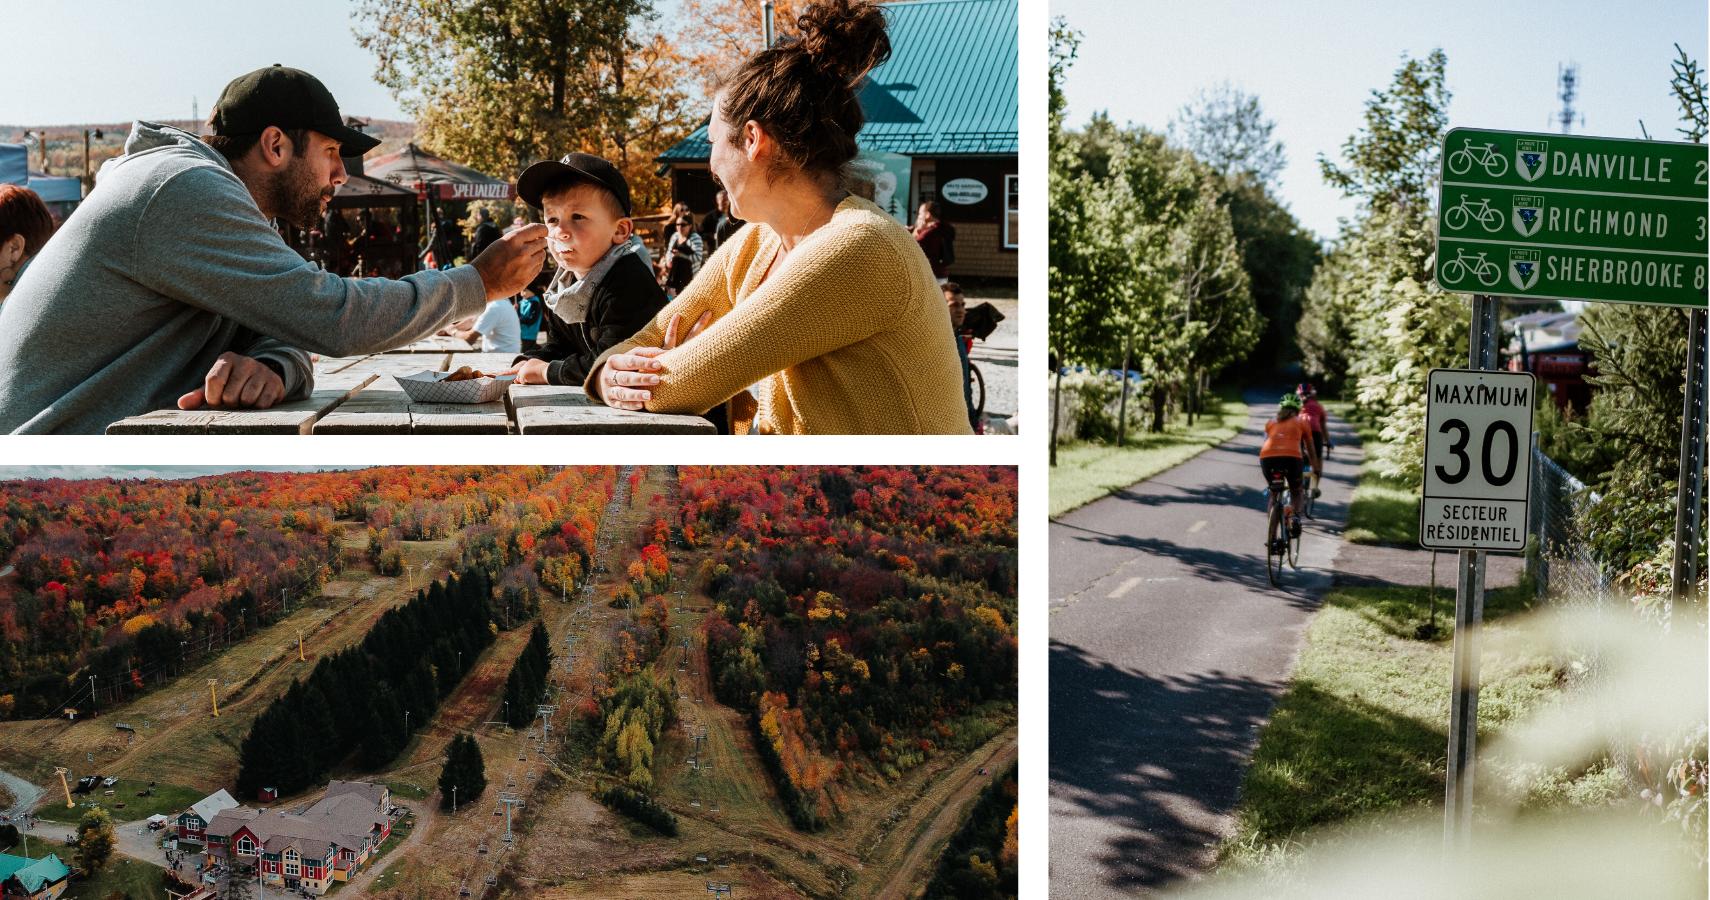 Gleason en couleurs et le Parc linéaire des Bois-Francs pour voir la région autrement - Crédits photos: Les Maximes